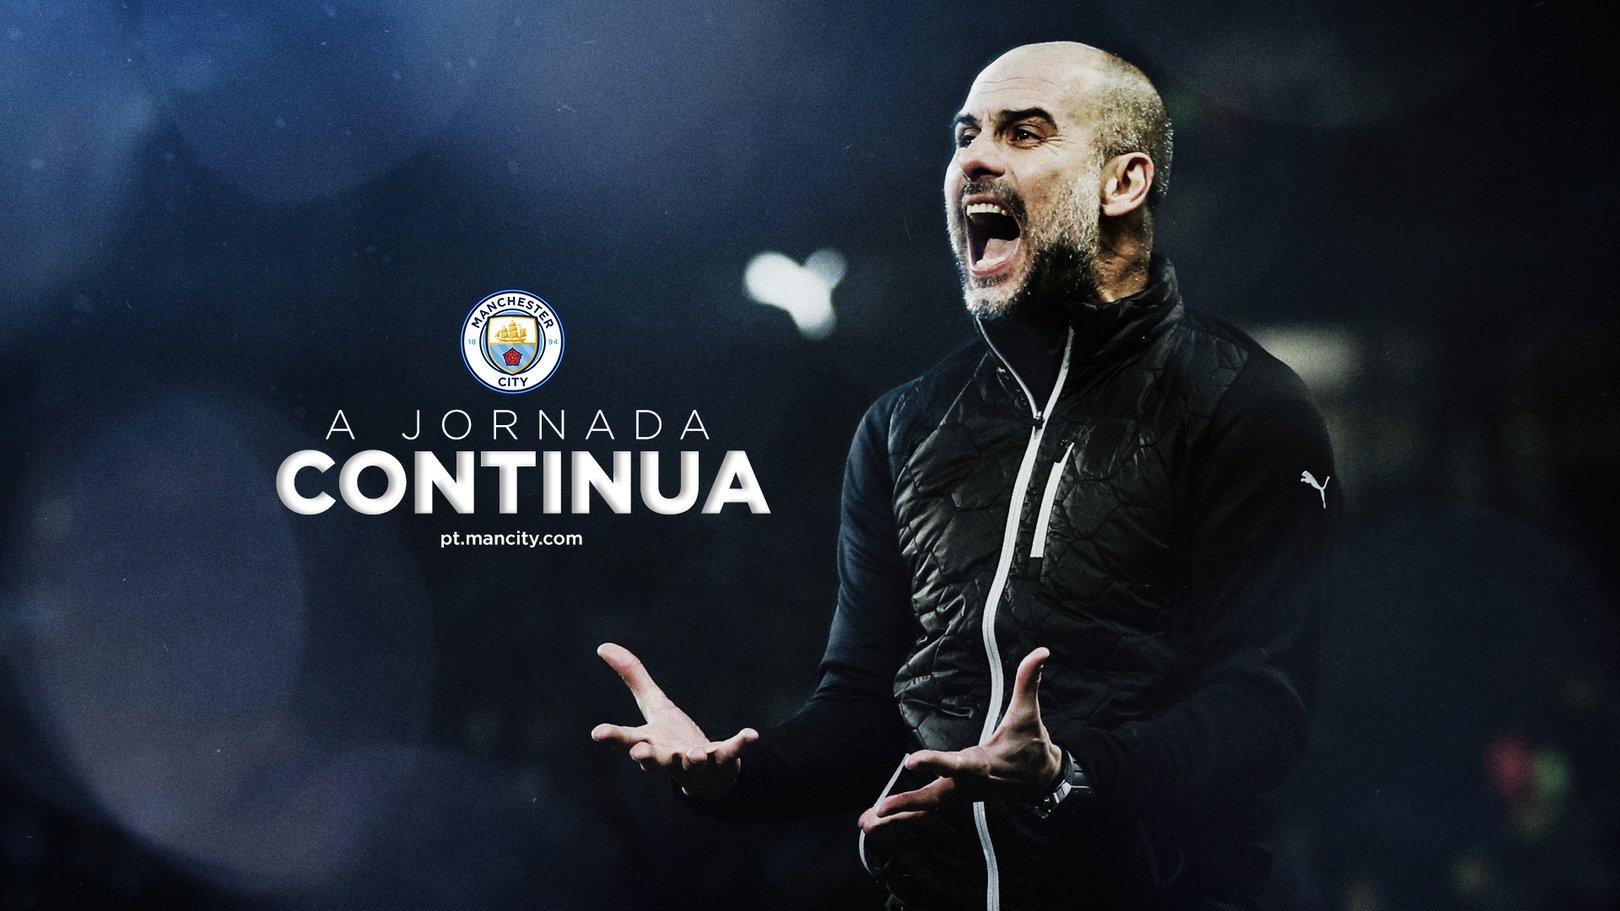 Pep Guardiola renova o seu contrato com o Manchester City até 2023